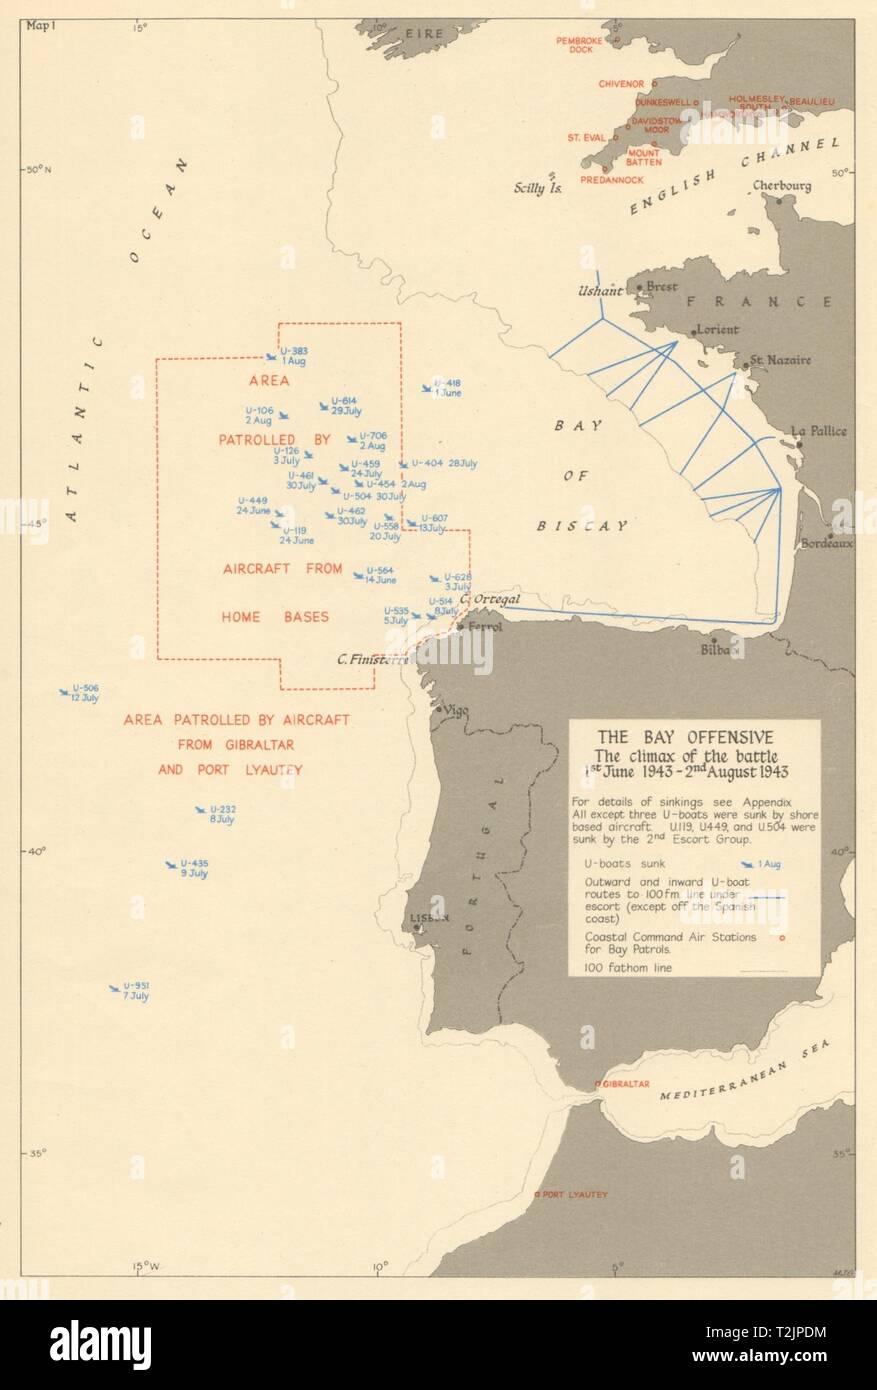 Golfo De Vizcaya Mapa.El Golfo De Vizcaya U Boat Hundimientos Batalla Del